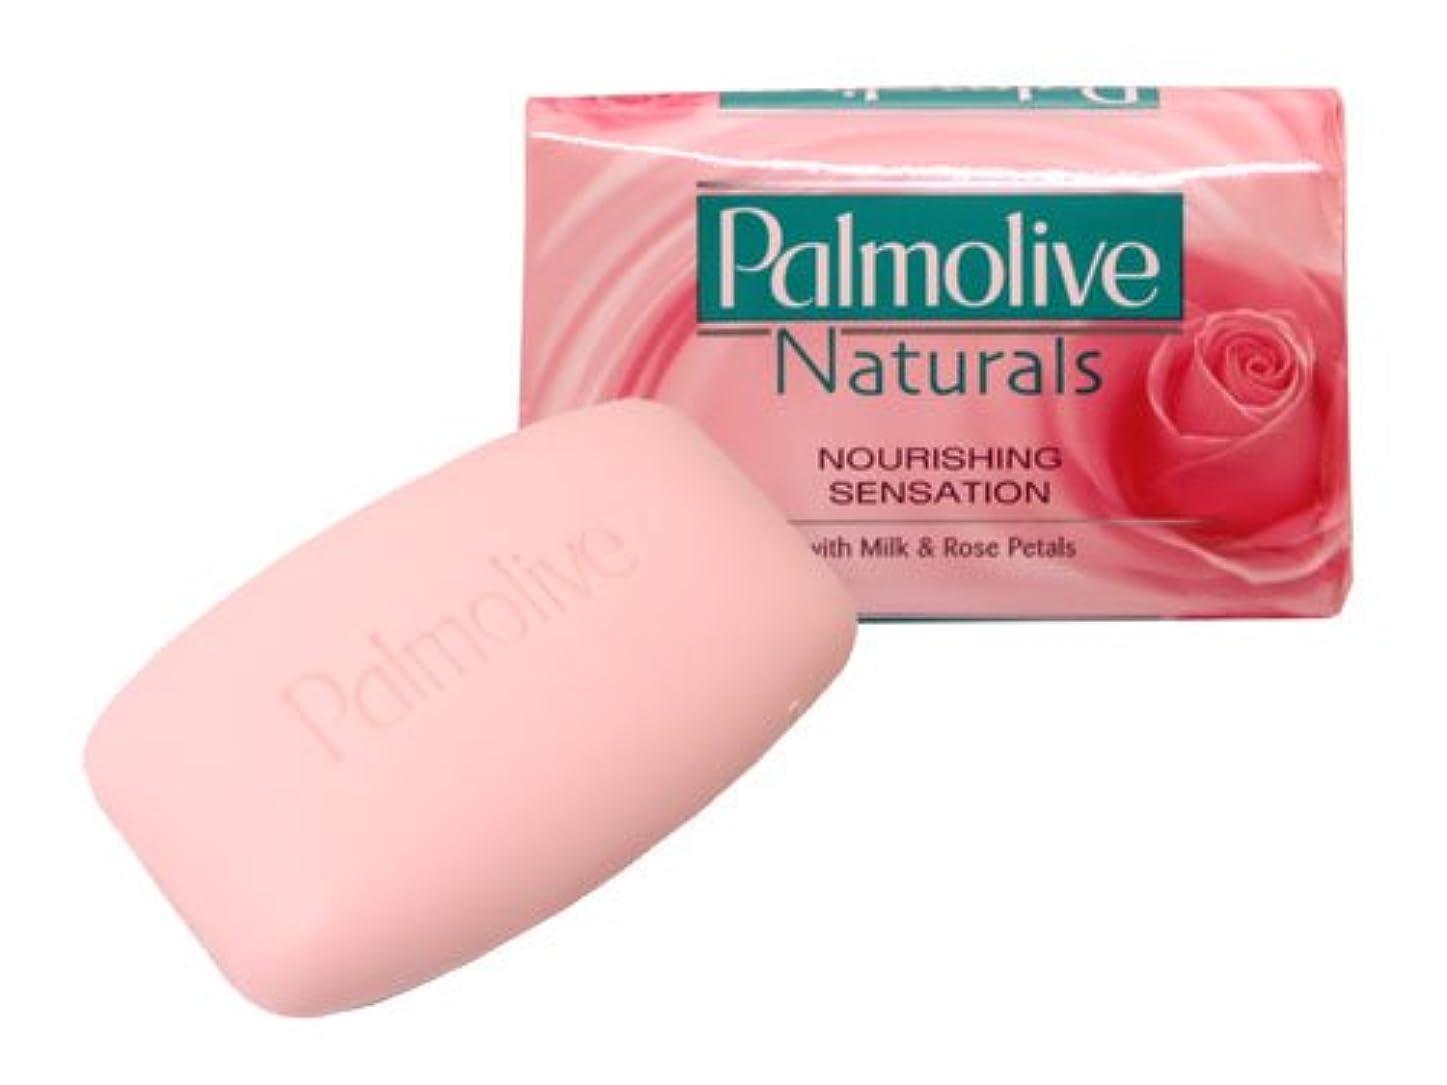 教えパスタ割れ目【Palmolive】パルモリーブ ナチュラルズ石鹸3個パック(ミルク&ローズ)